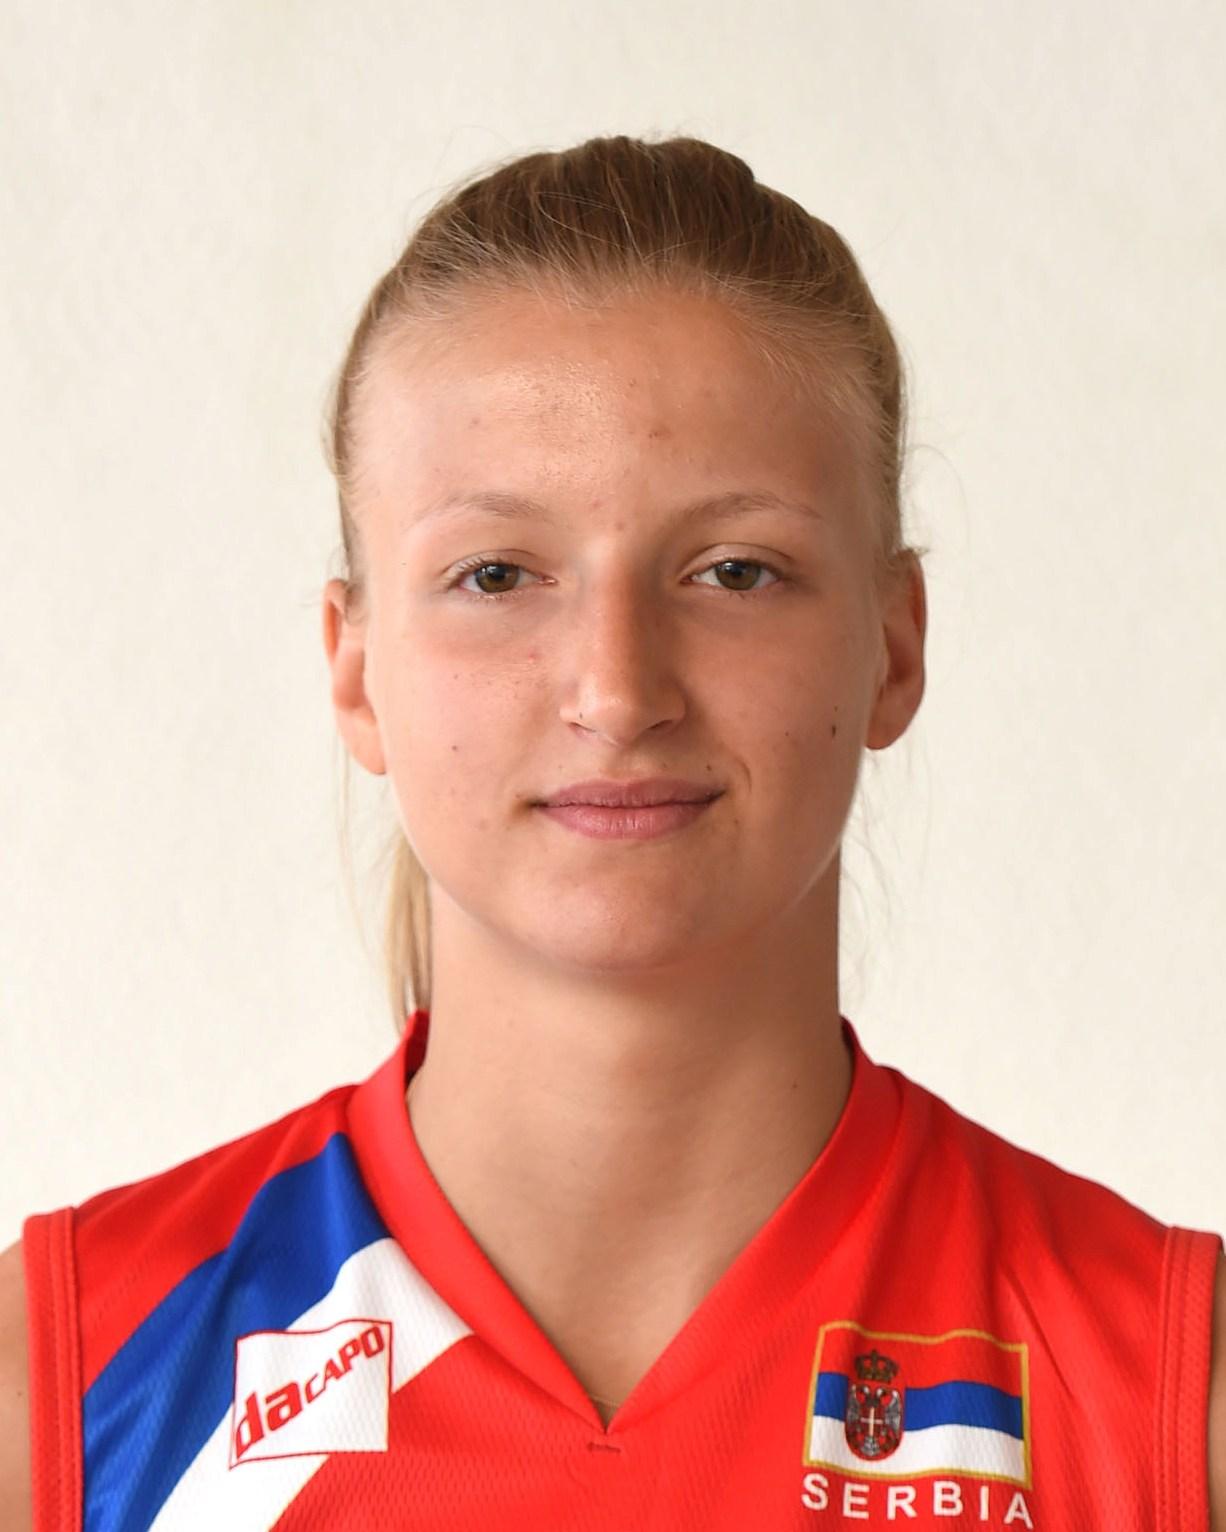 Marija Vujnovic